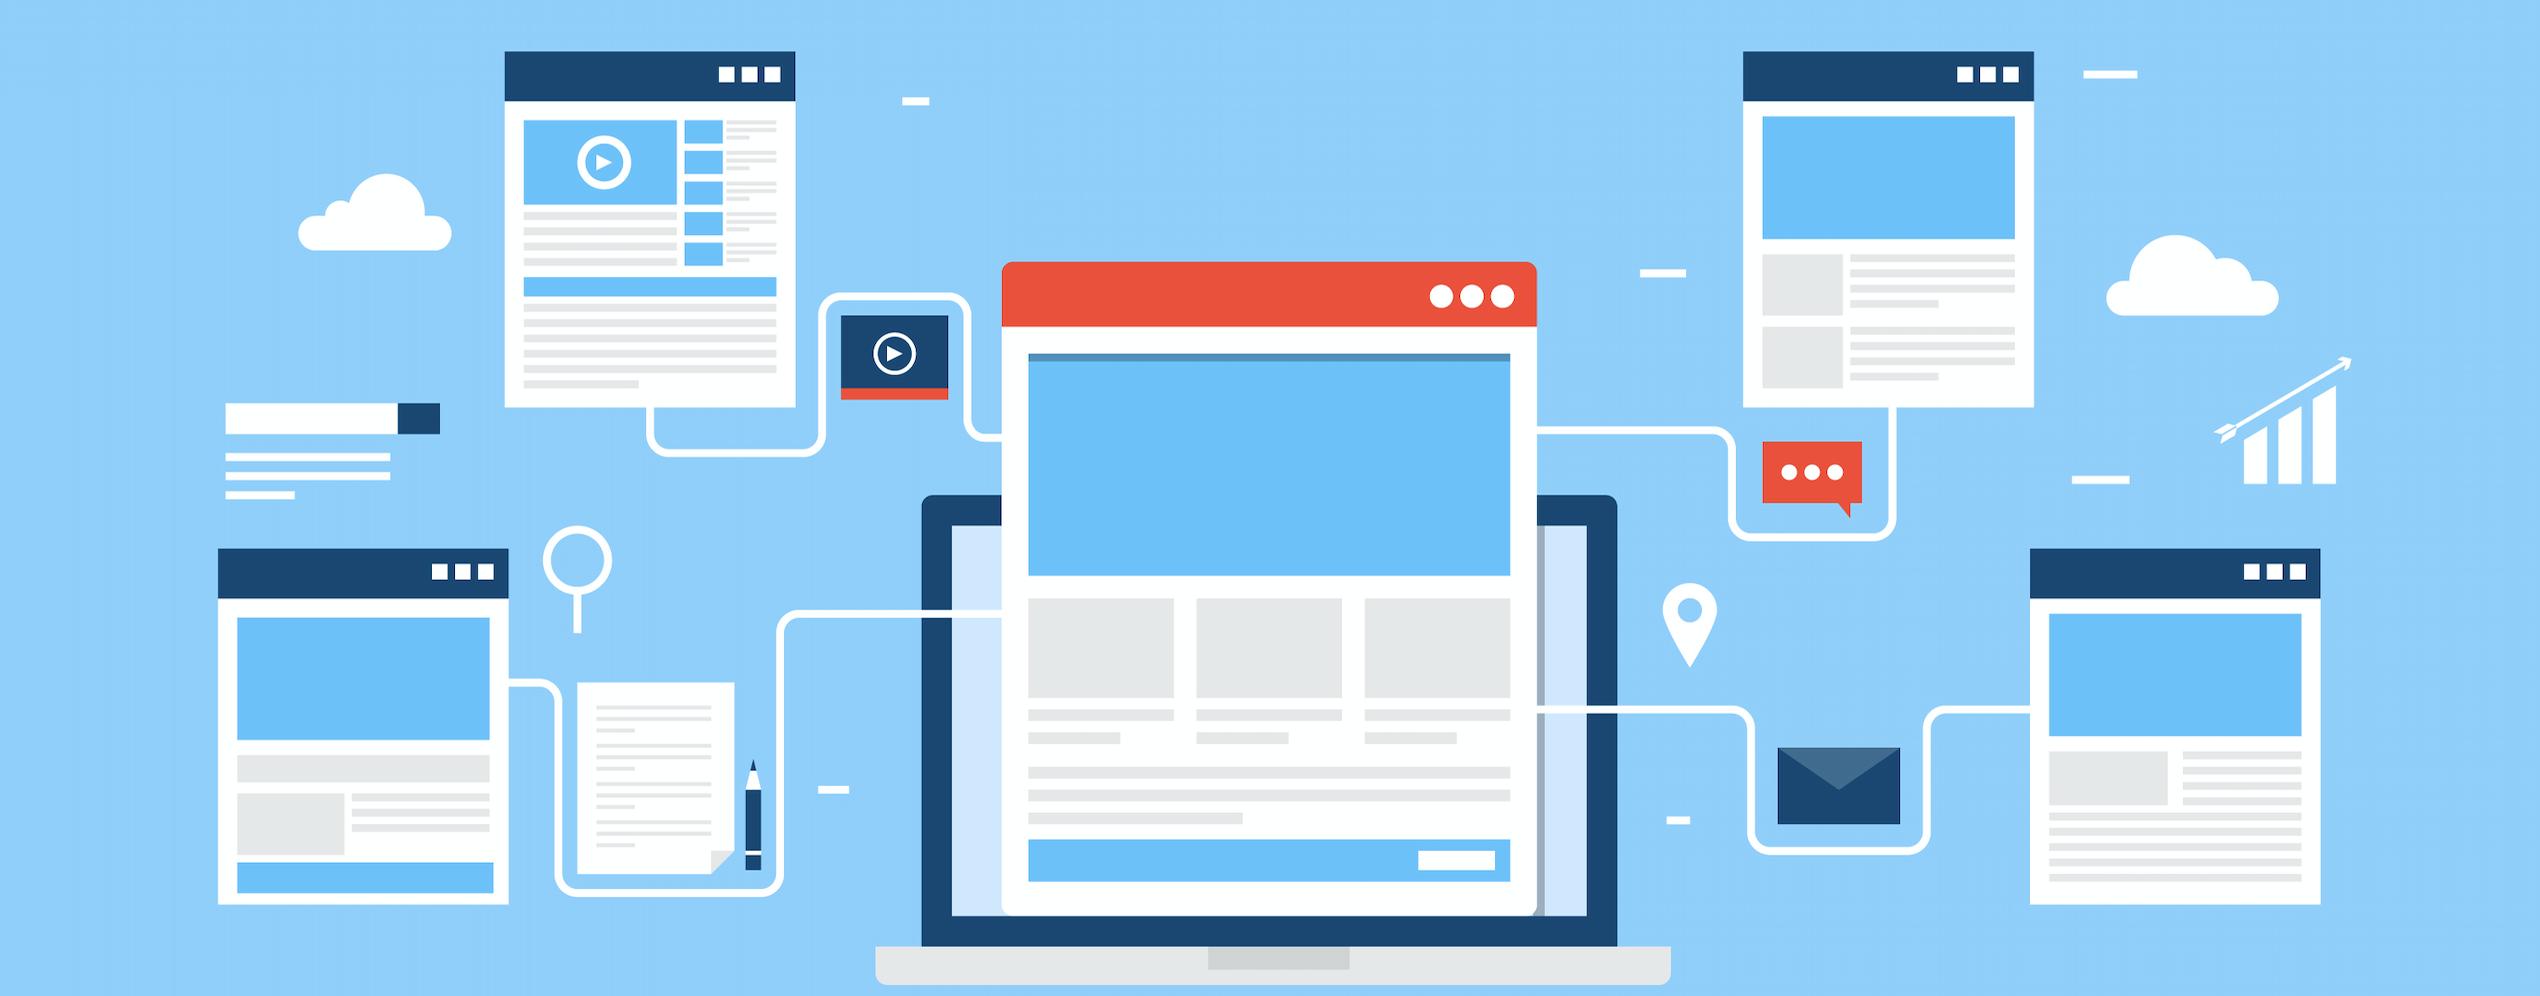 Relevance of Website